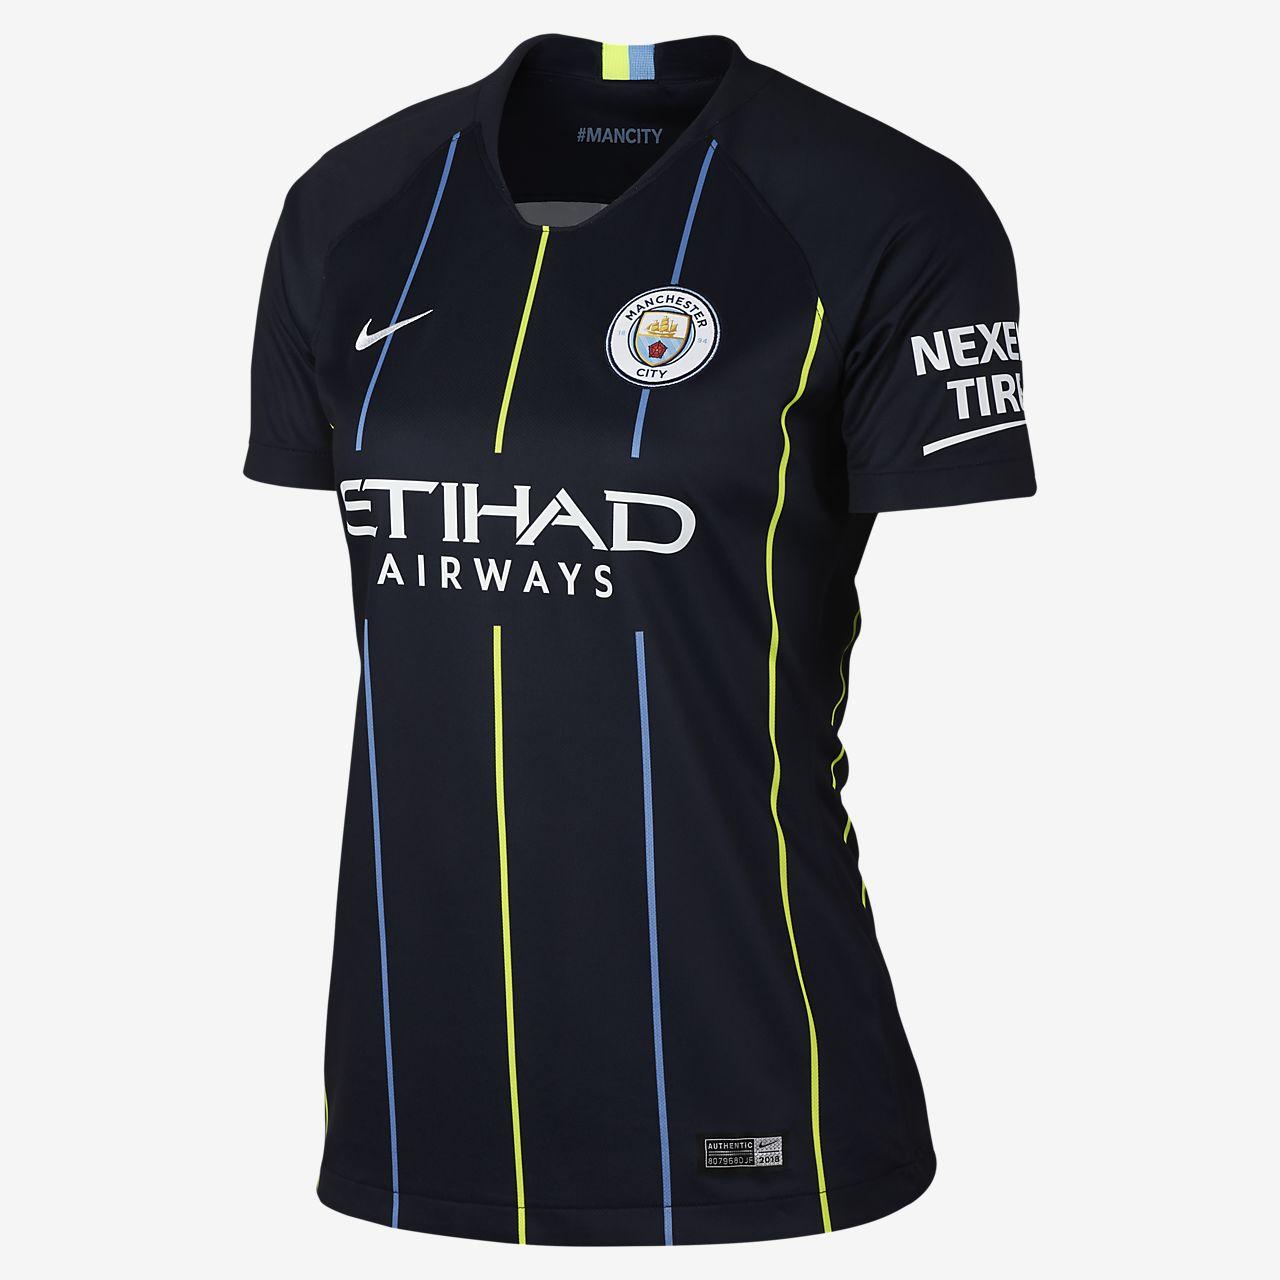 2018/19 Manchester City FC Stadium Away-fodboldtrøje til kvinder